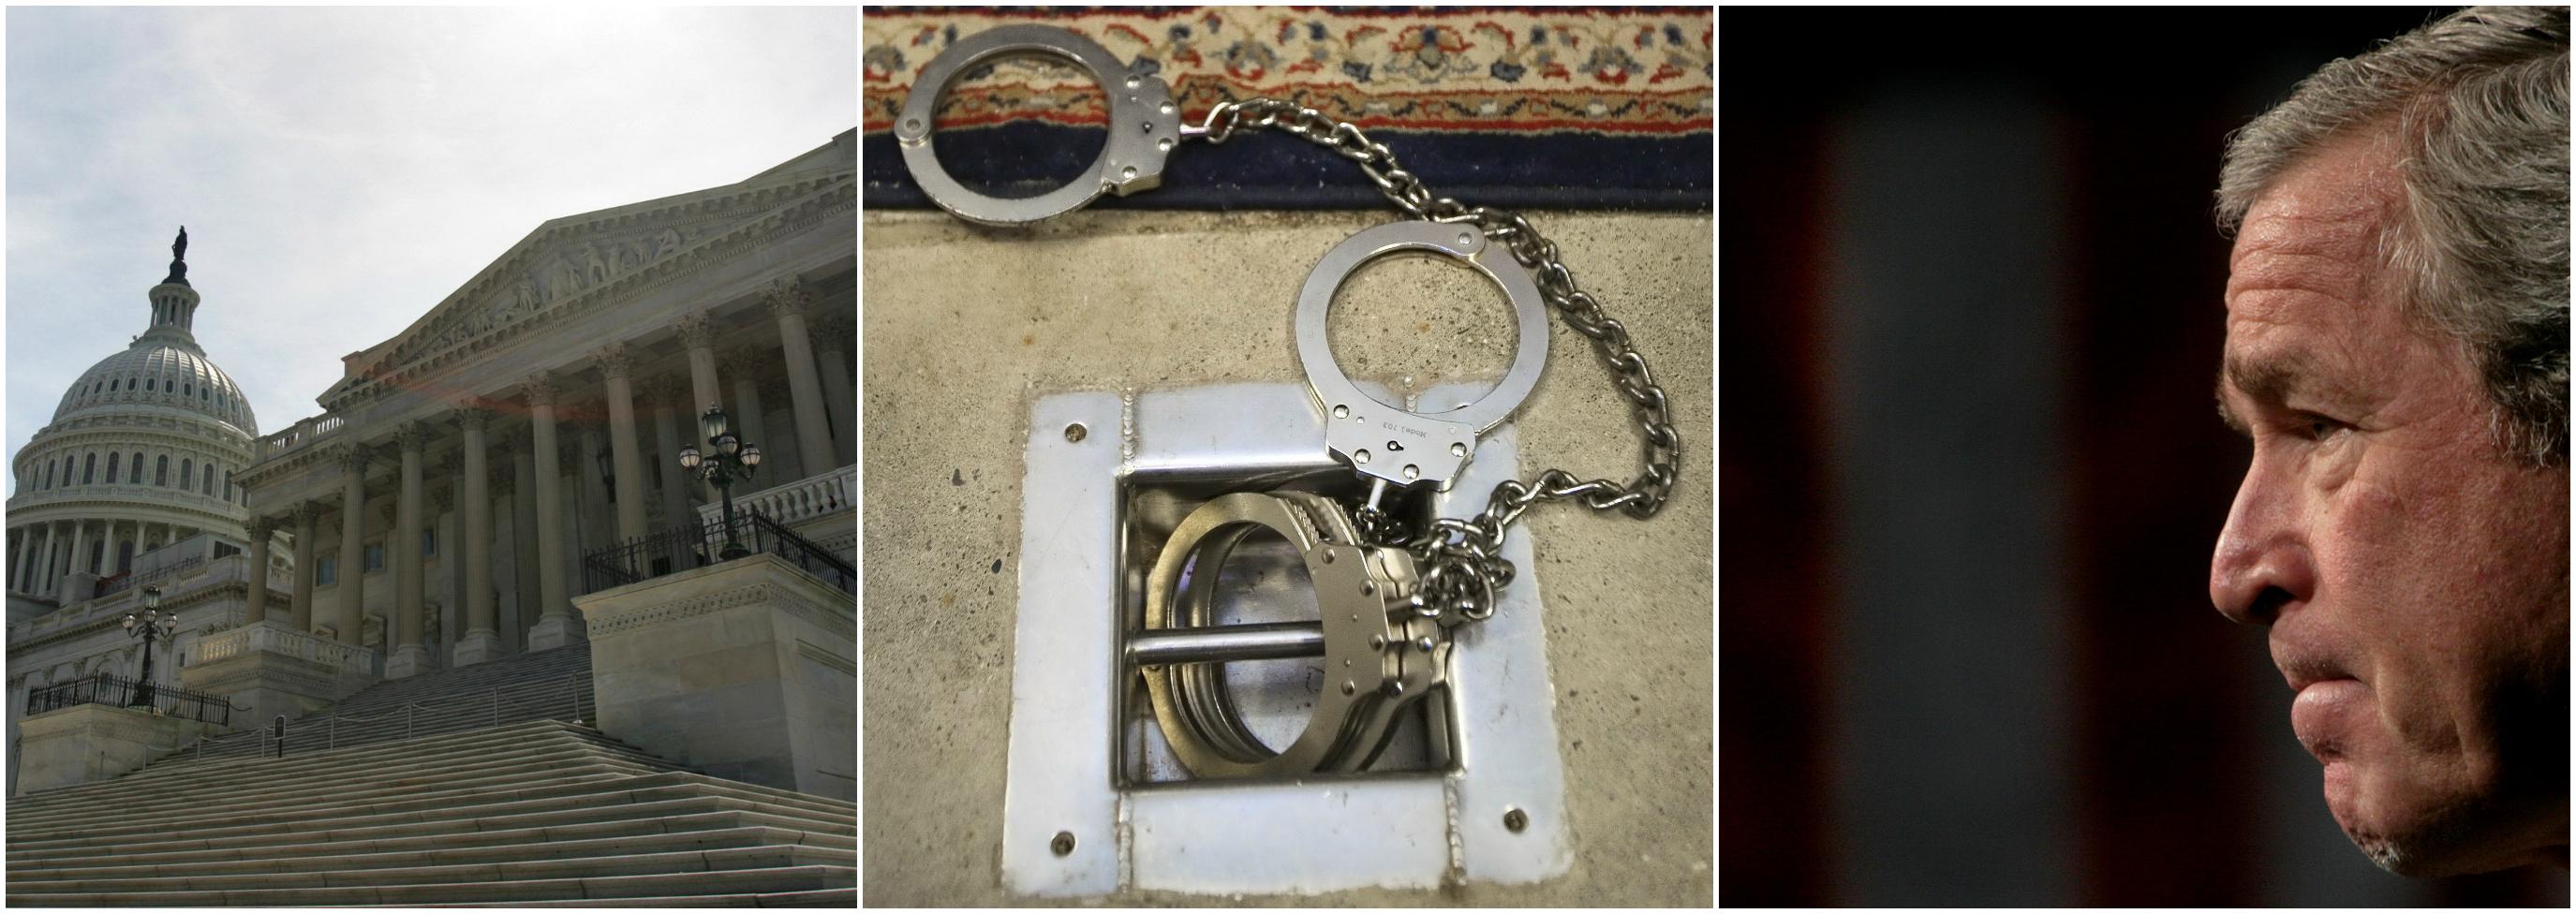 Scandalul torturilor practicate de CIA. Ambasade SUA din intreaga lume sunt in alerta, de teama unor atentate teroriste